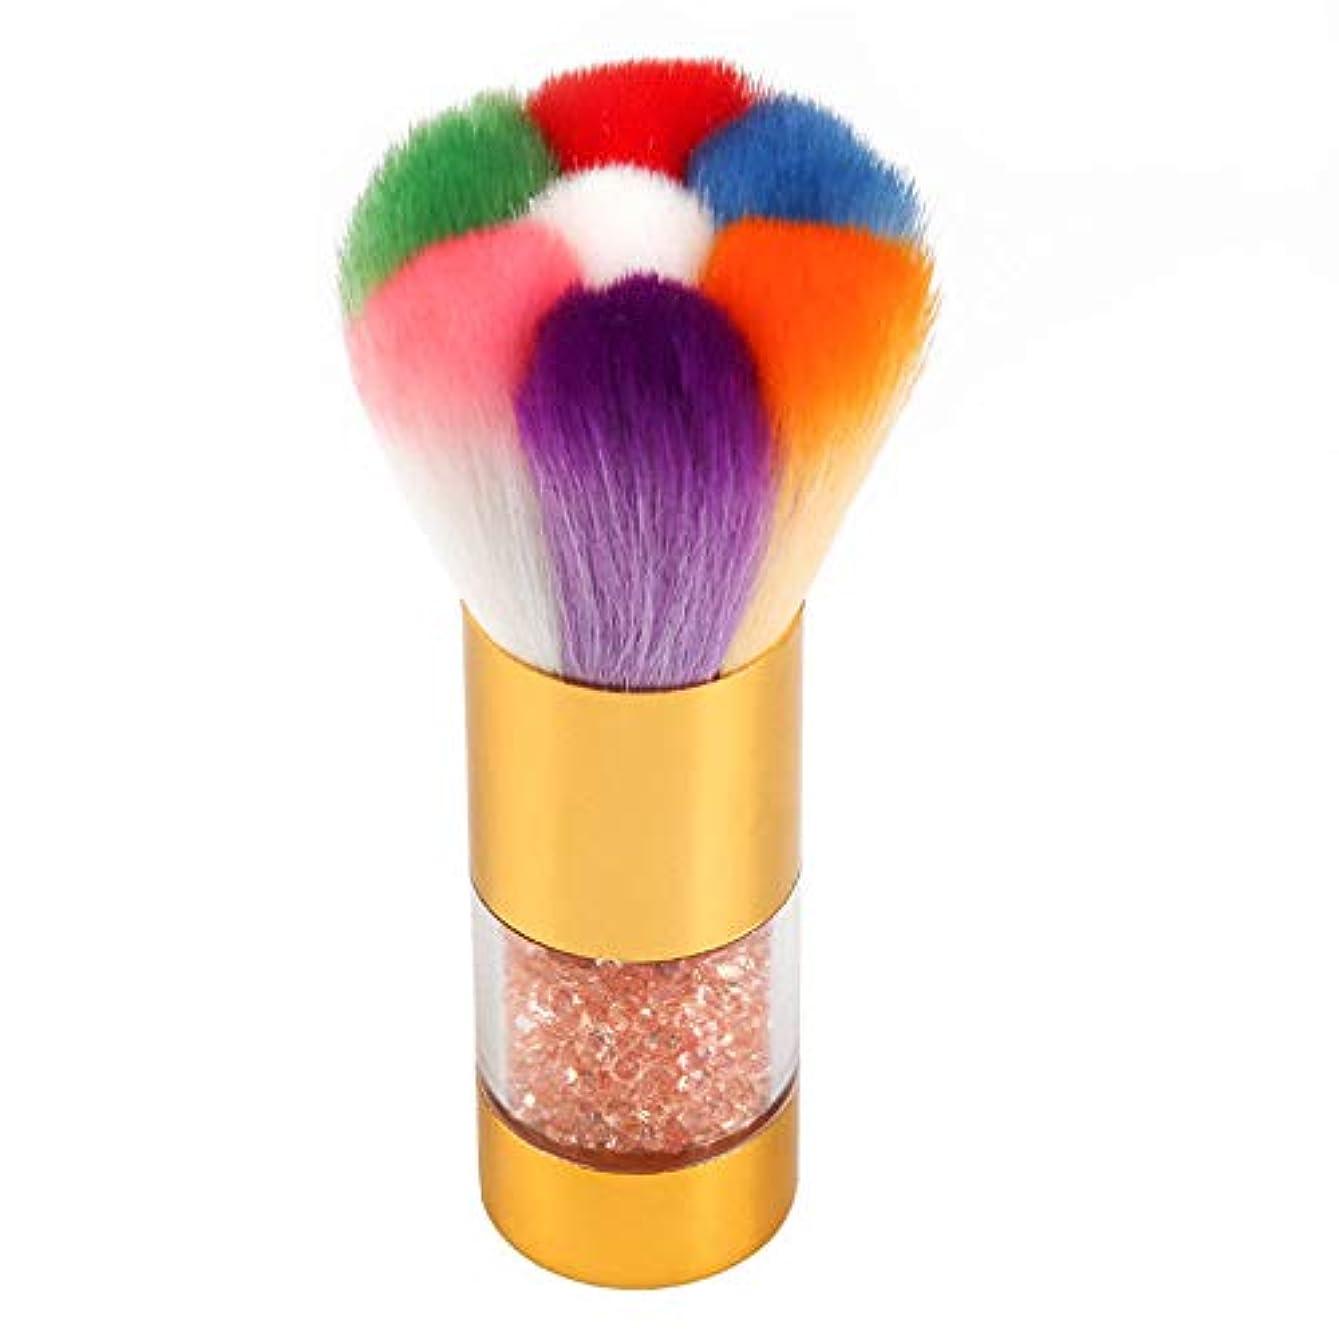 一月束想像力豊かな虹ネイルブラシ ダストブラシ ラインストーン付き ネイルアート用ネイルケアツール